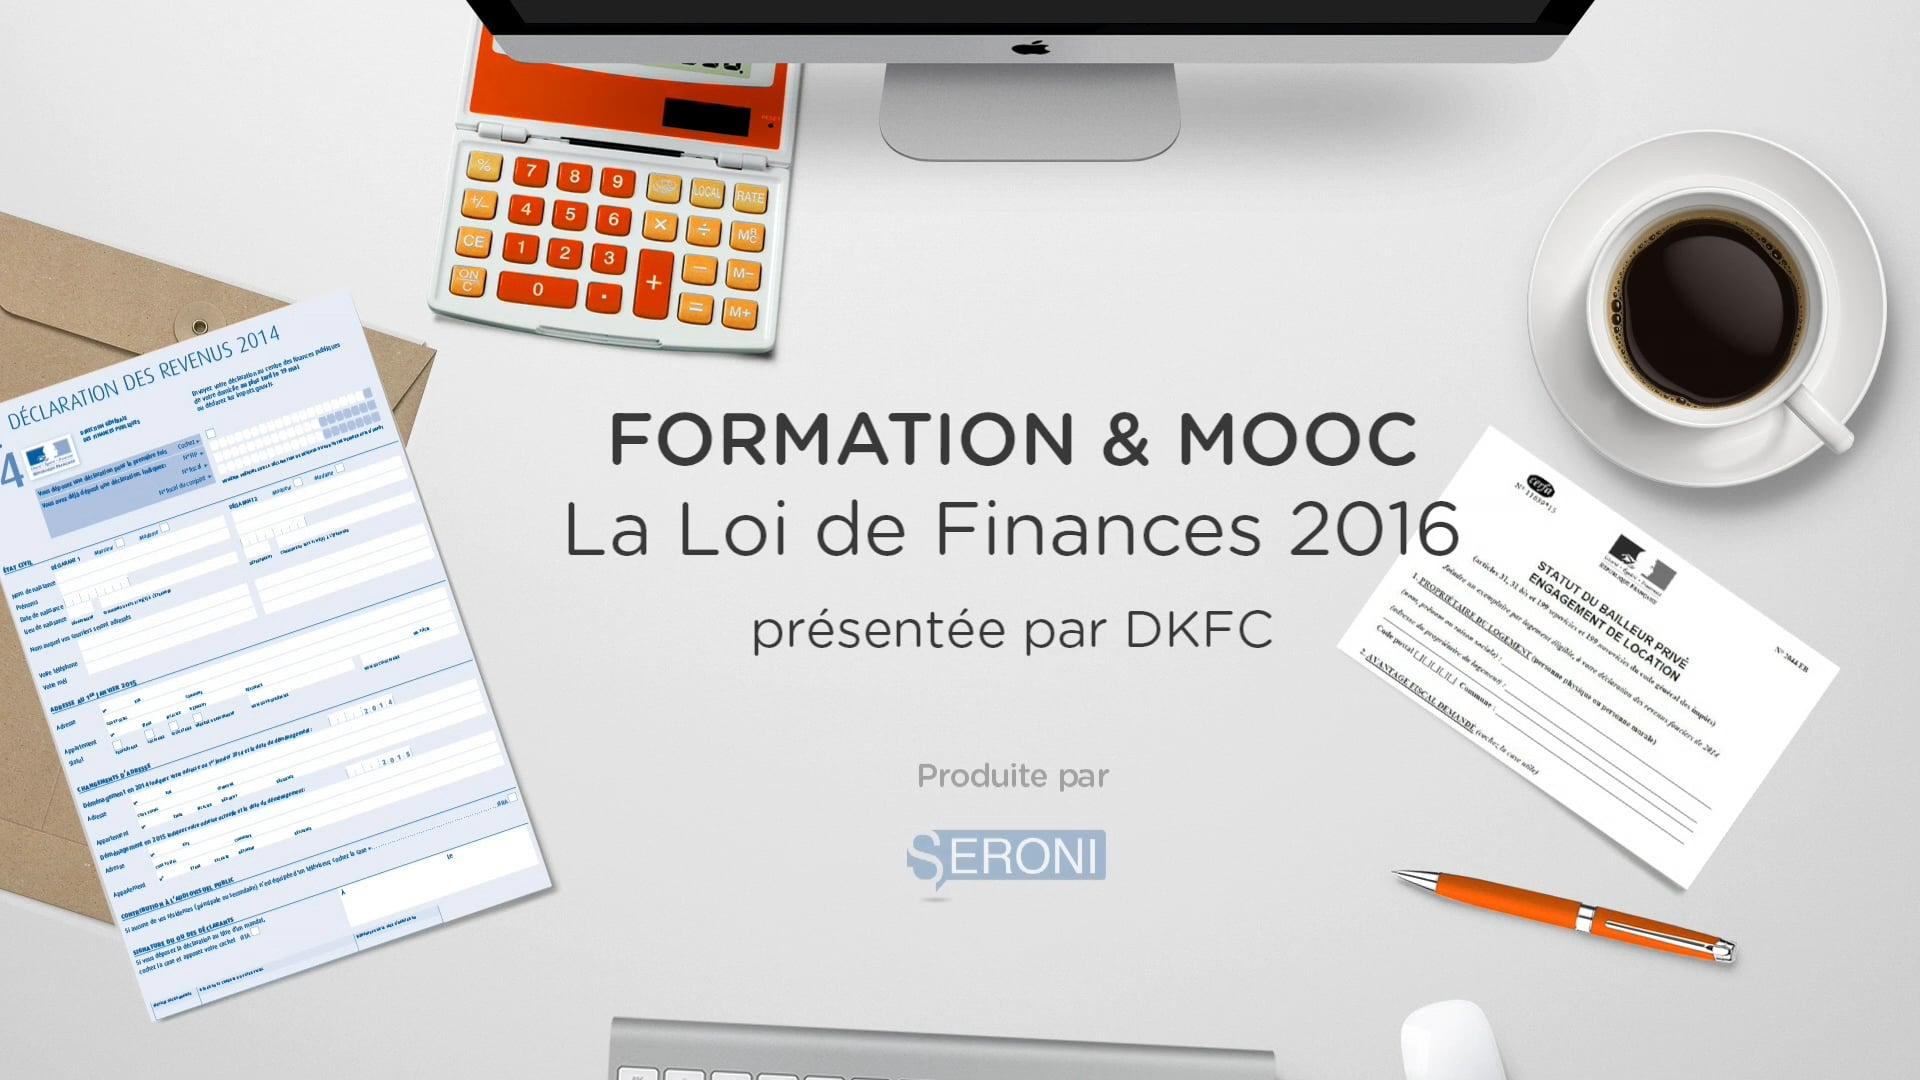 LOI DE FINANCES 2016 & TEASER